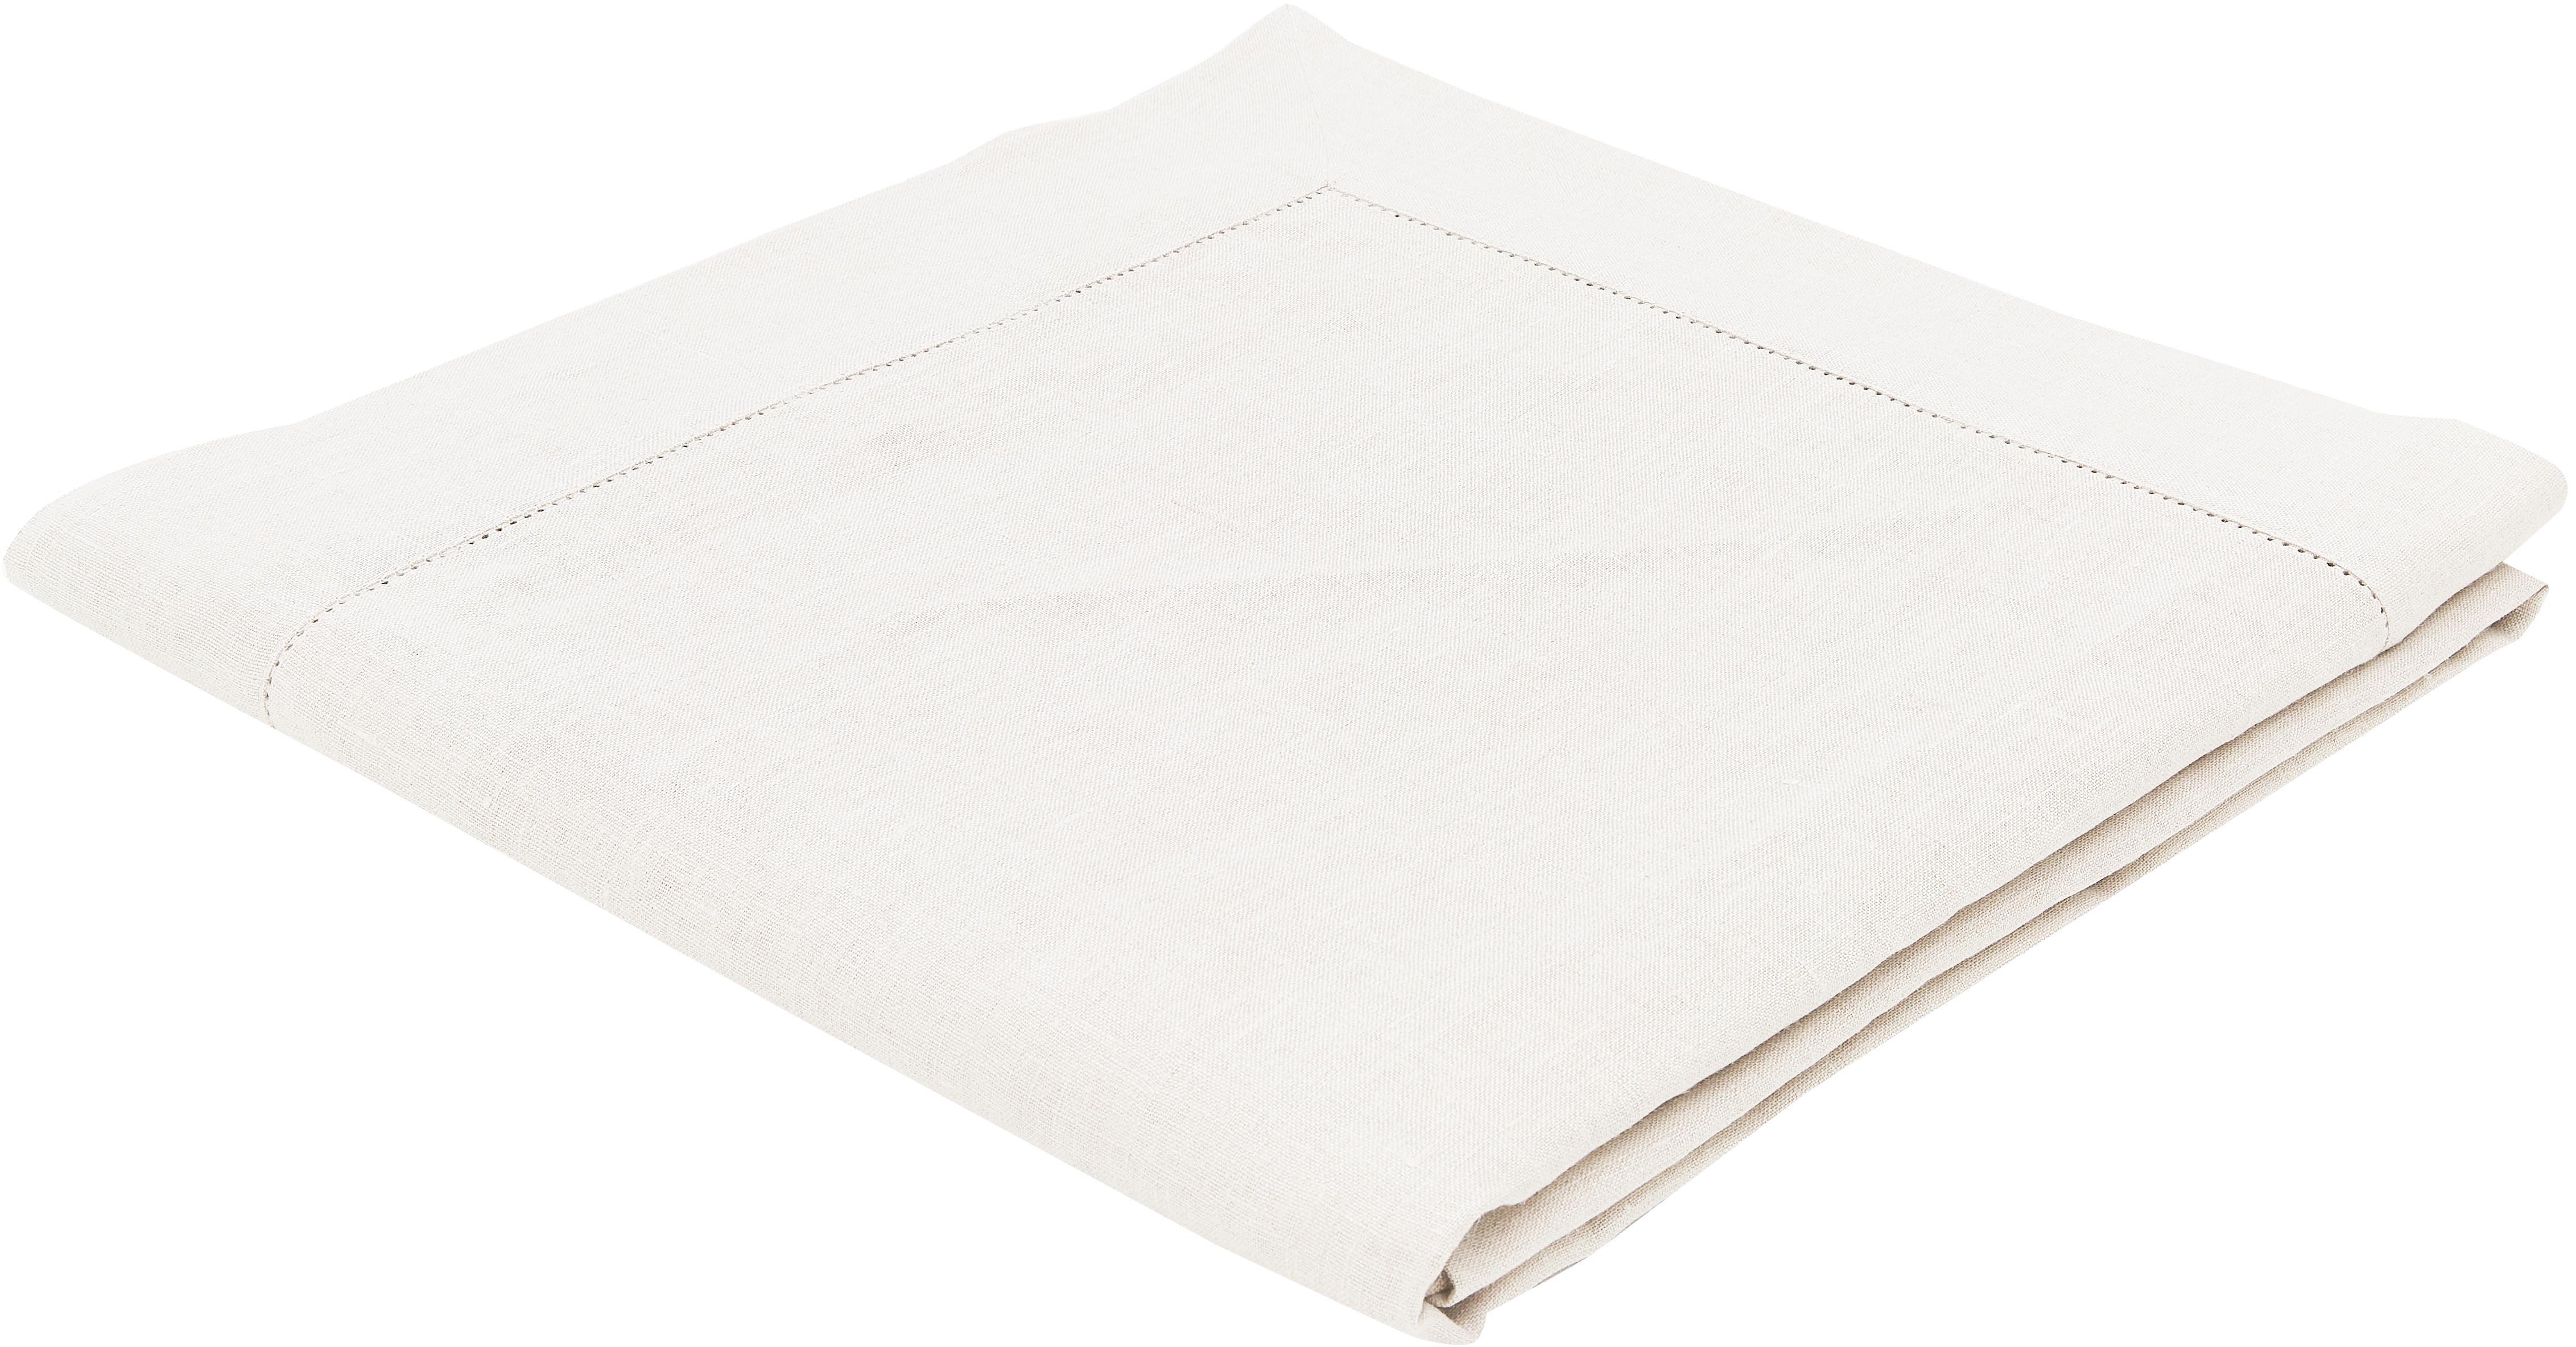 Leinen-Tischdecke Alanta mit Hohlsaum, Cremeweiß, Für 6 - 8 Personen (B 160 x L 250 cm)